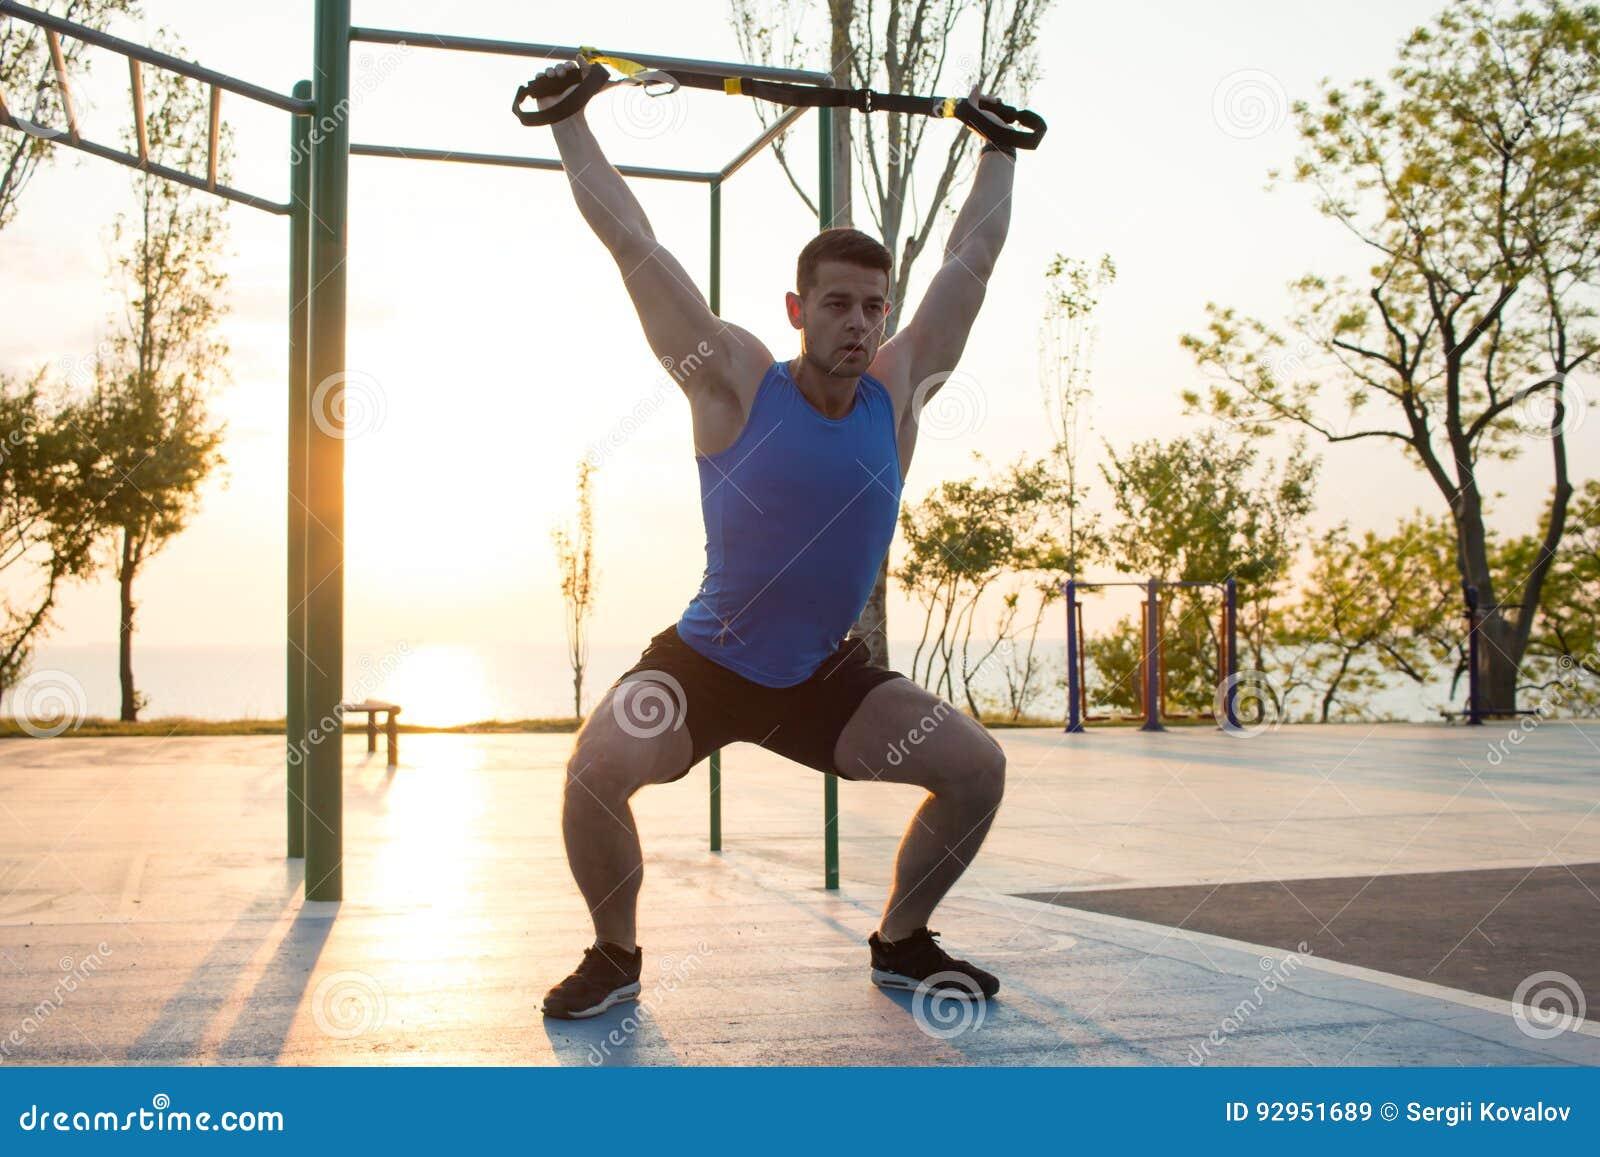 Séance d entraînement avec des courroies de suspension dans le gymnase extérieur, l homme fort s exerçant tôt dans le matin sur l